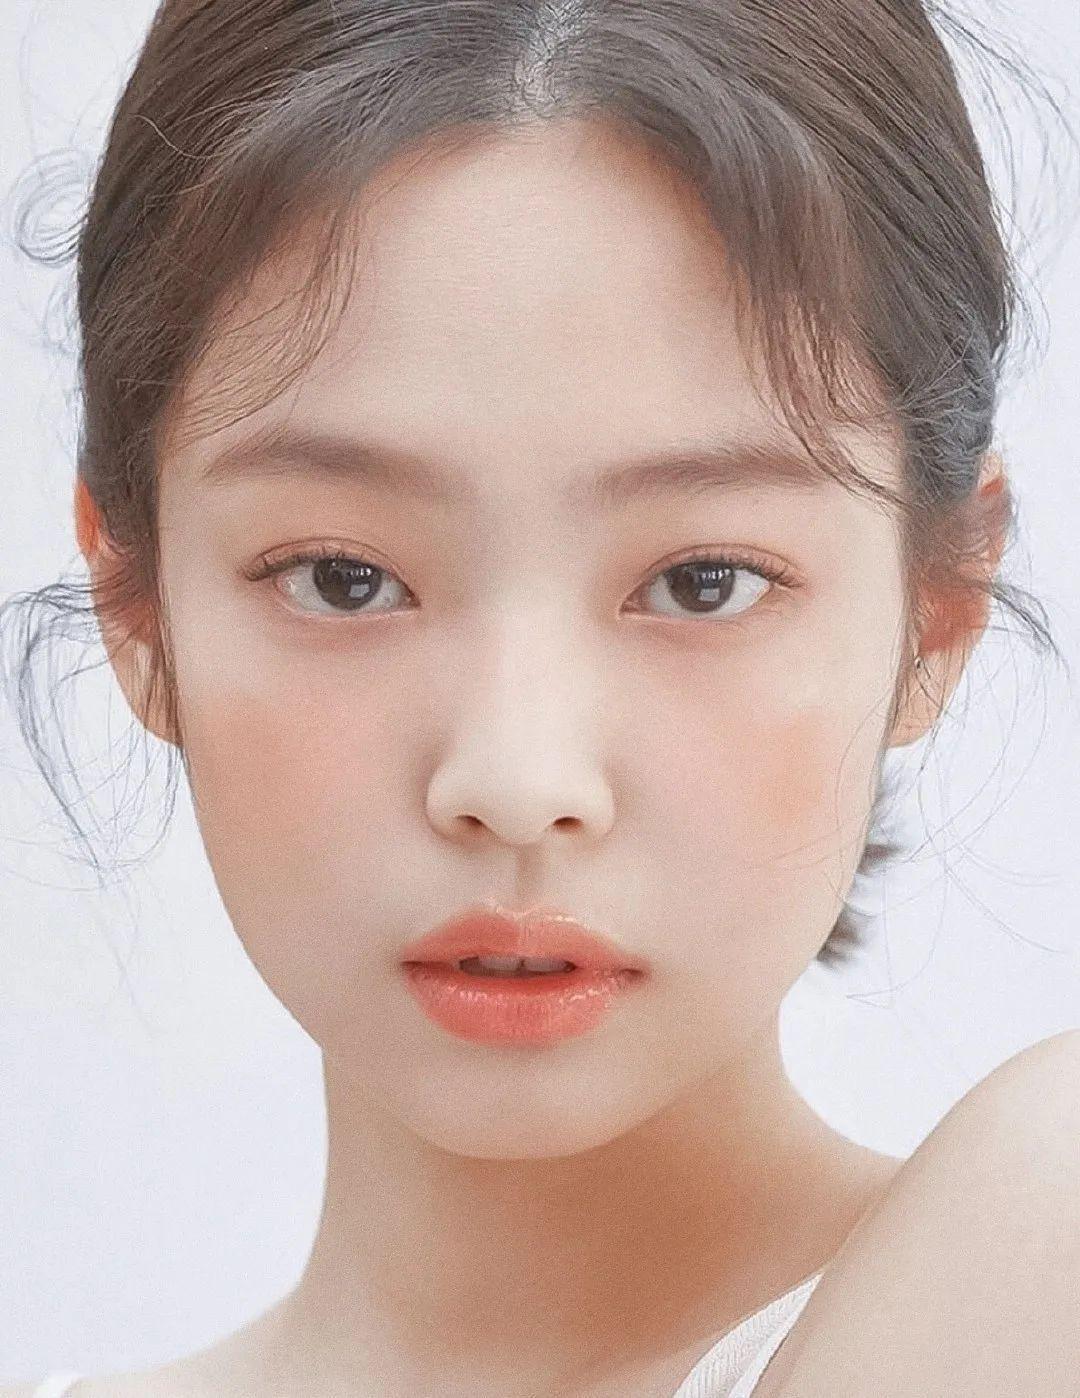 妹子摄影 – Jennie金智妮  美貌小猫咪_图片 No.20